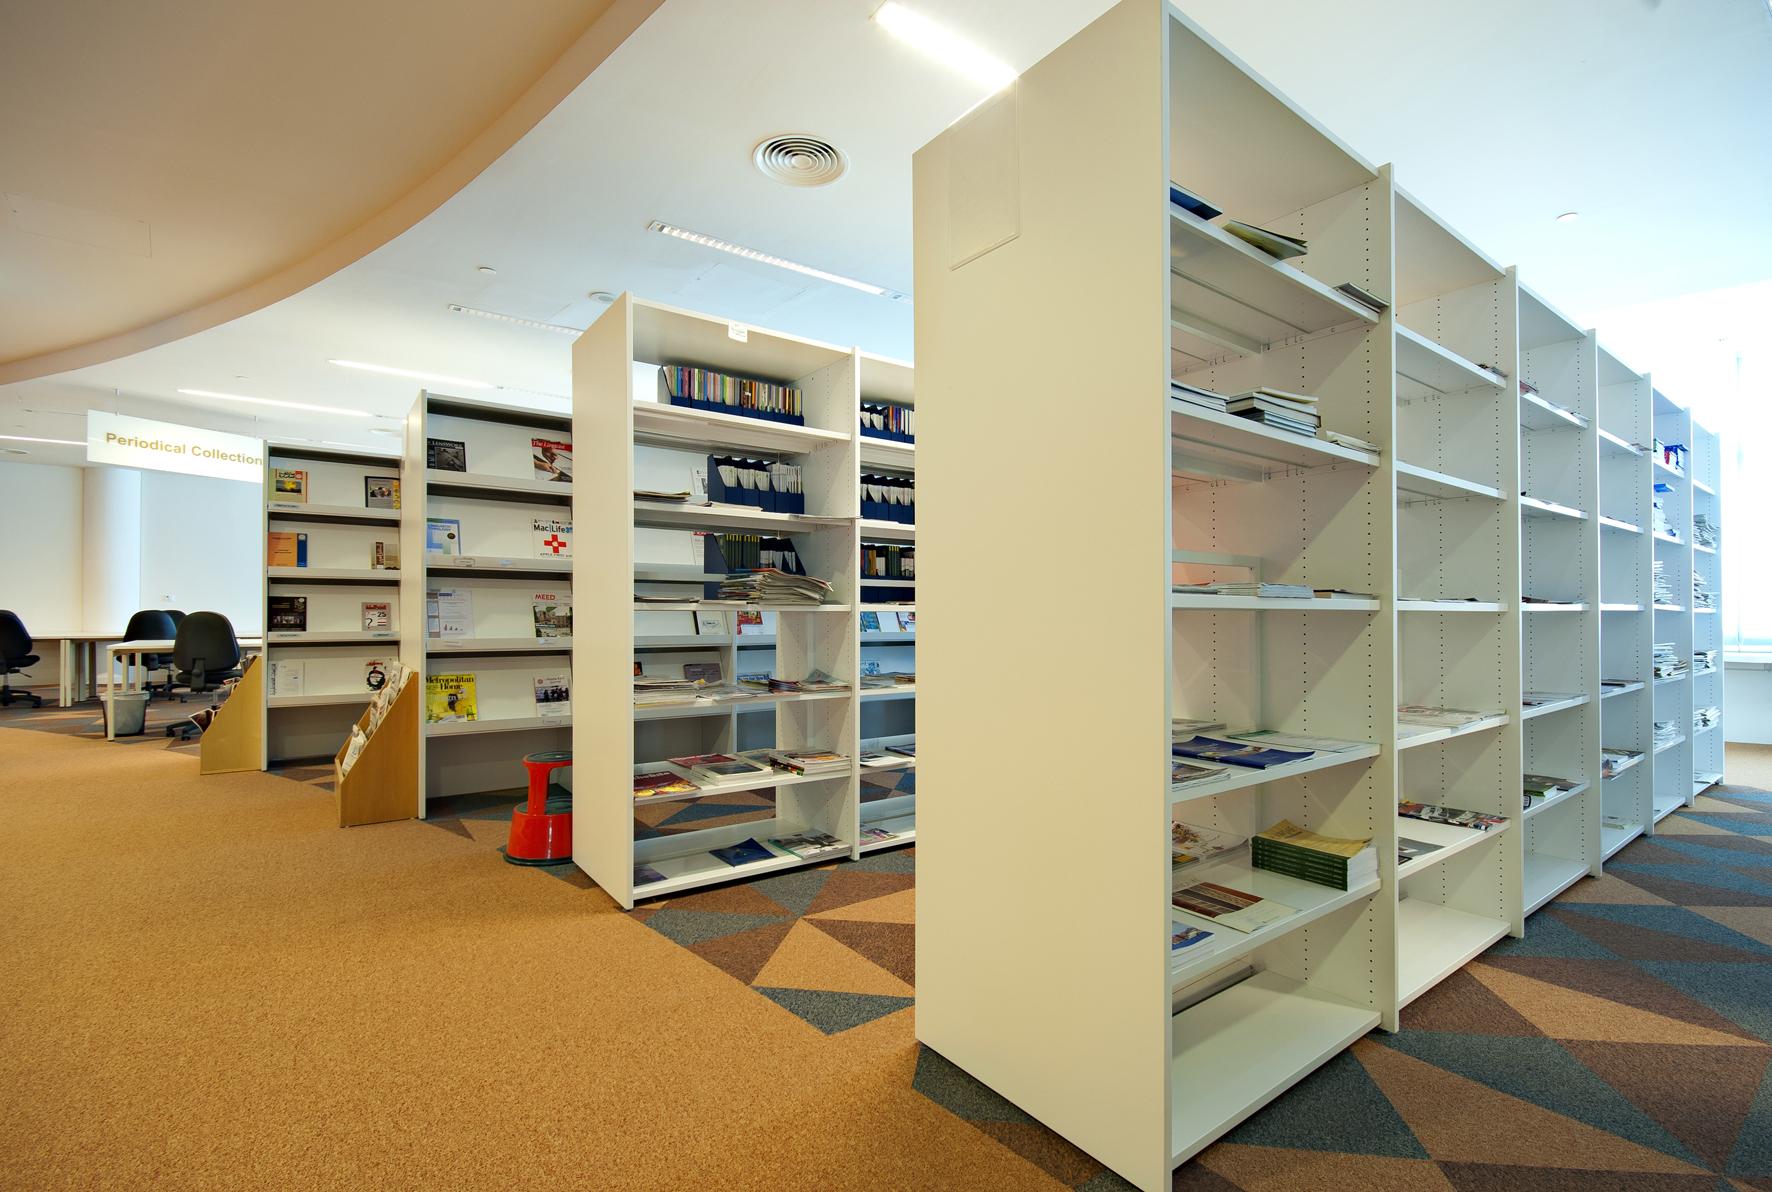 bibliotheek mannelijk of vrouwelijk